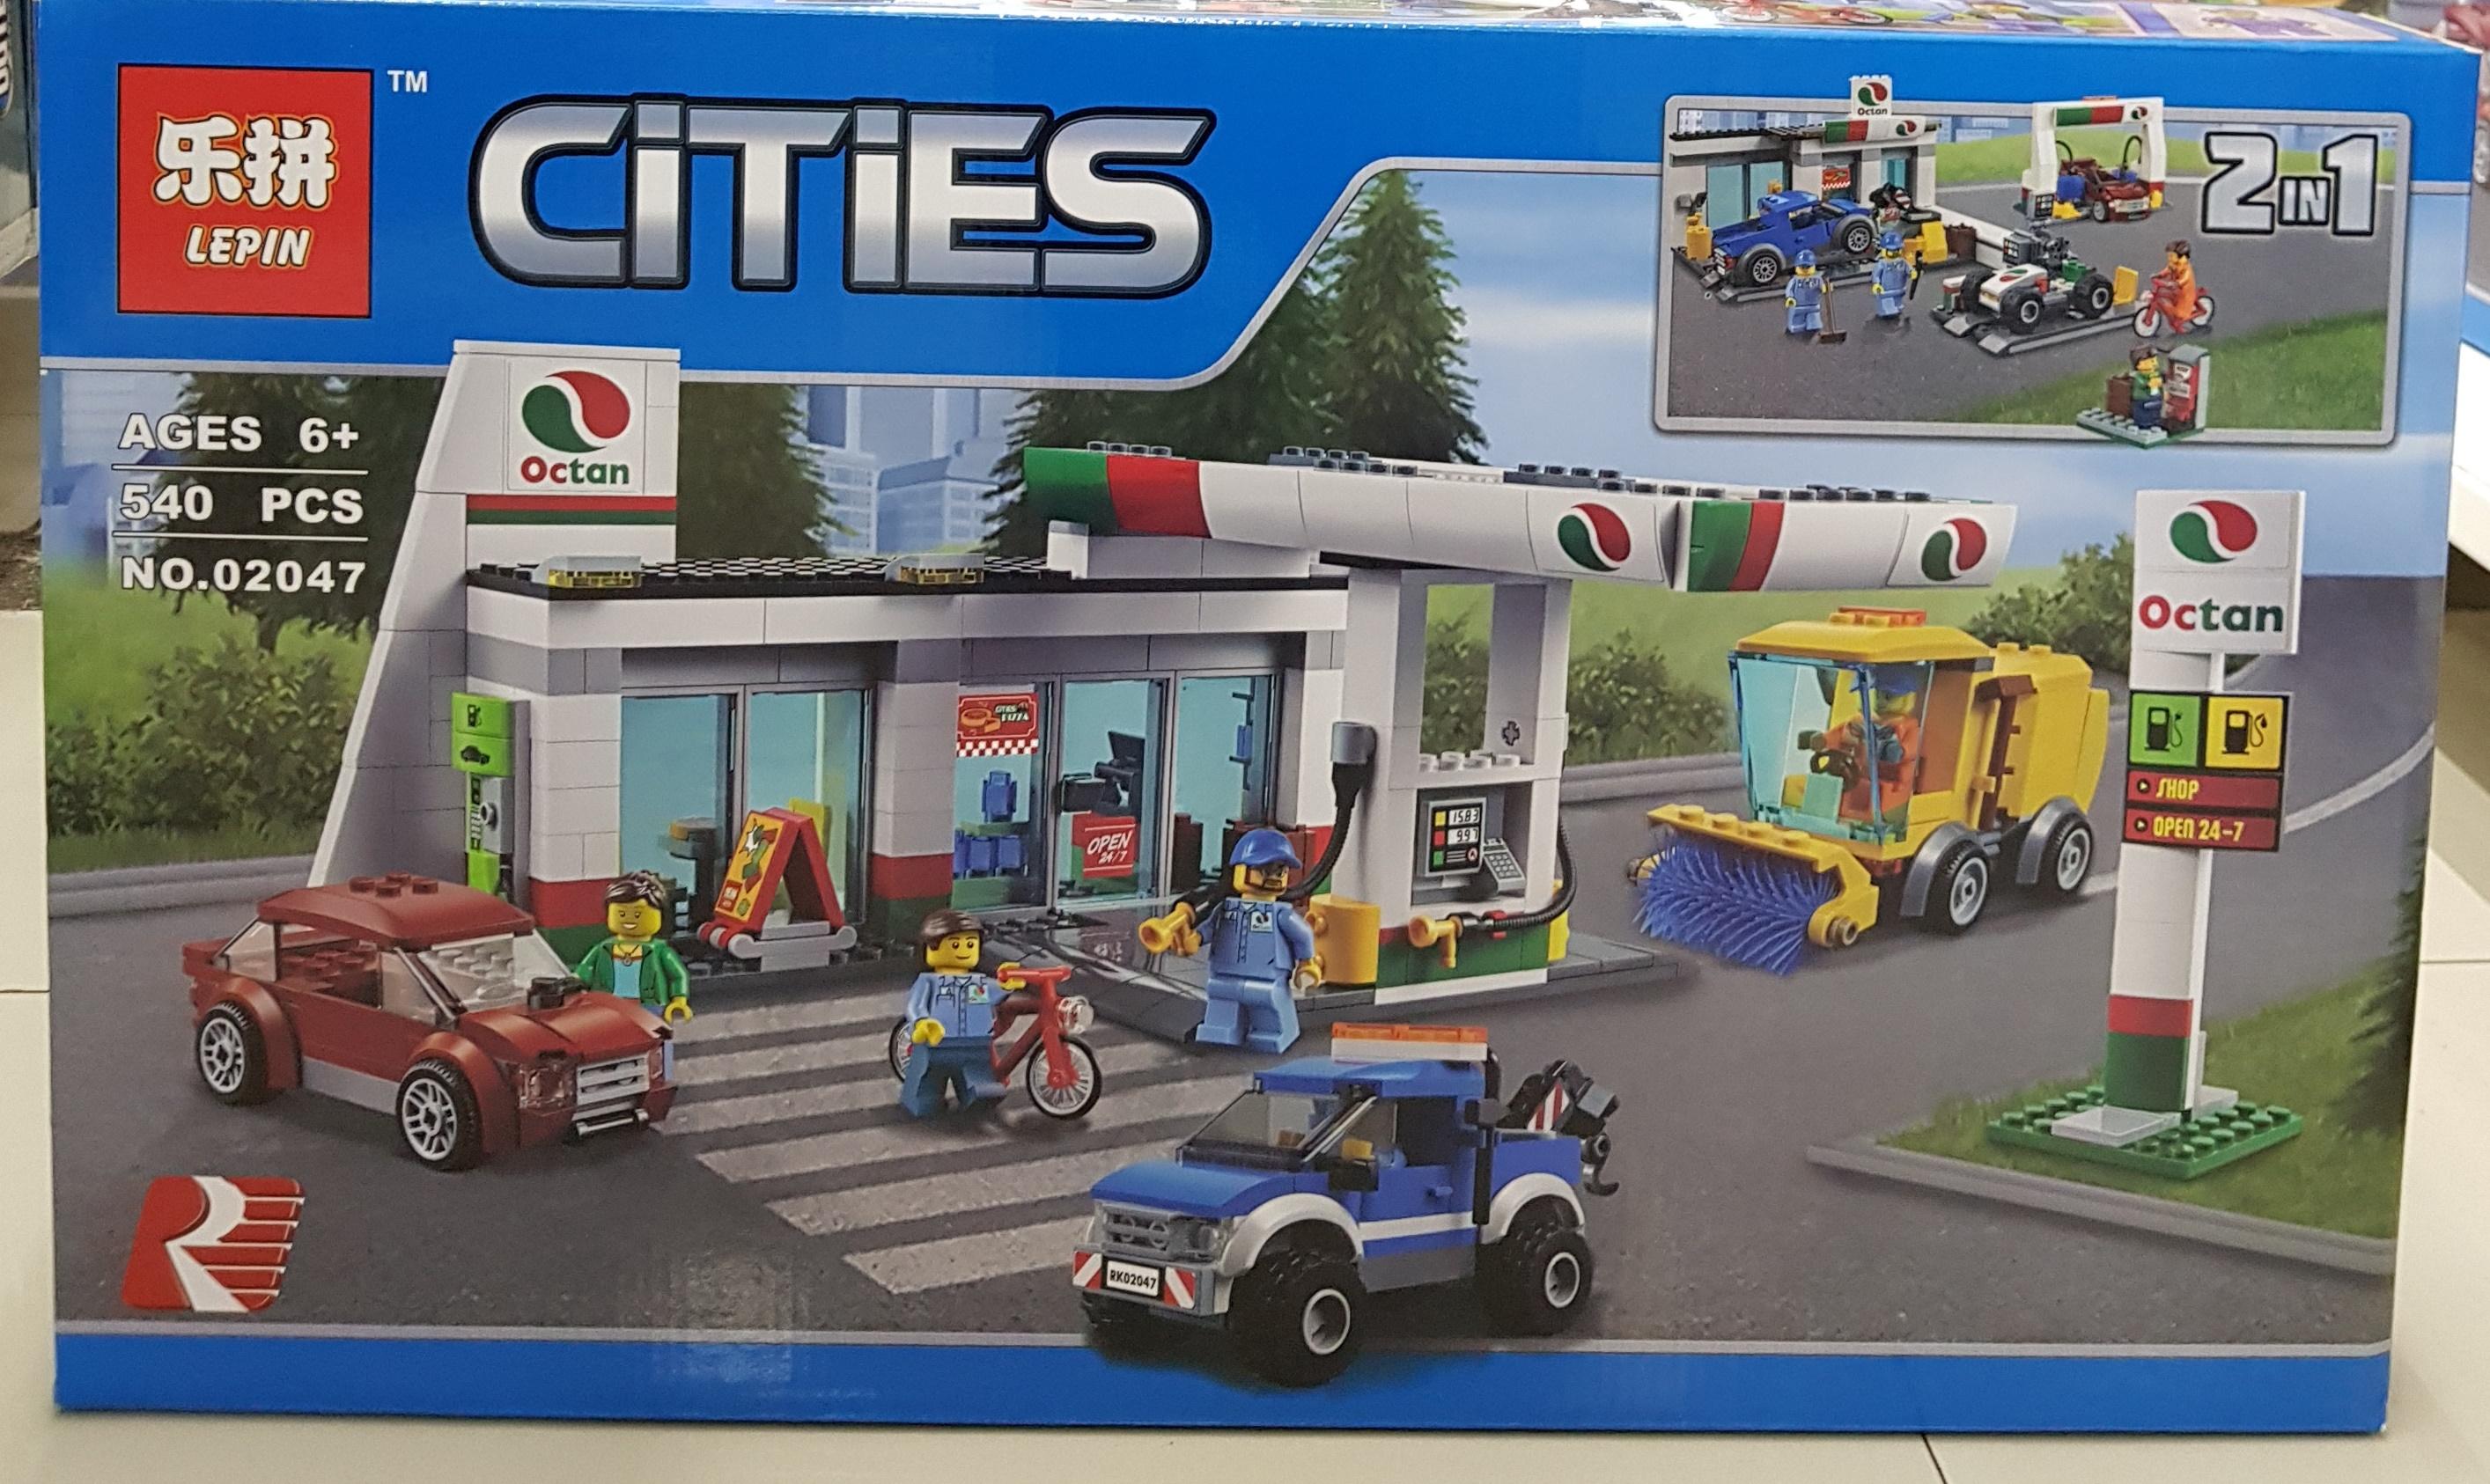 LEPIN CITIES 02047 (540ชิ้น)